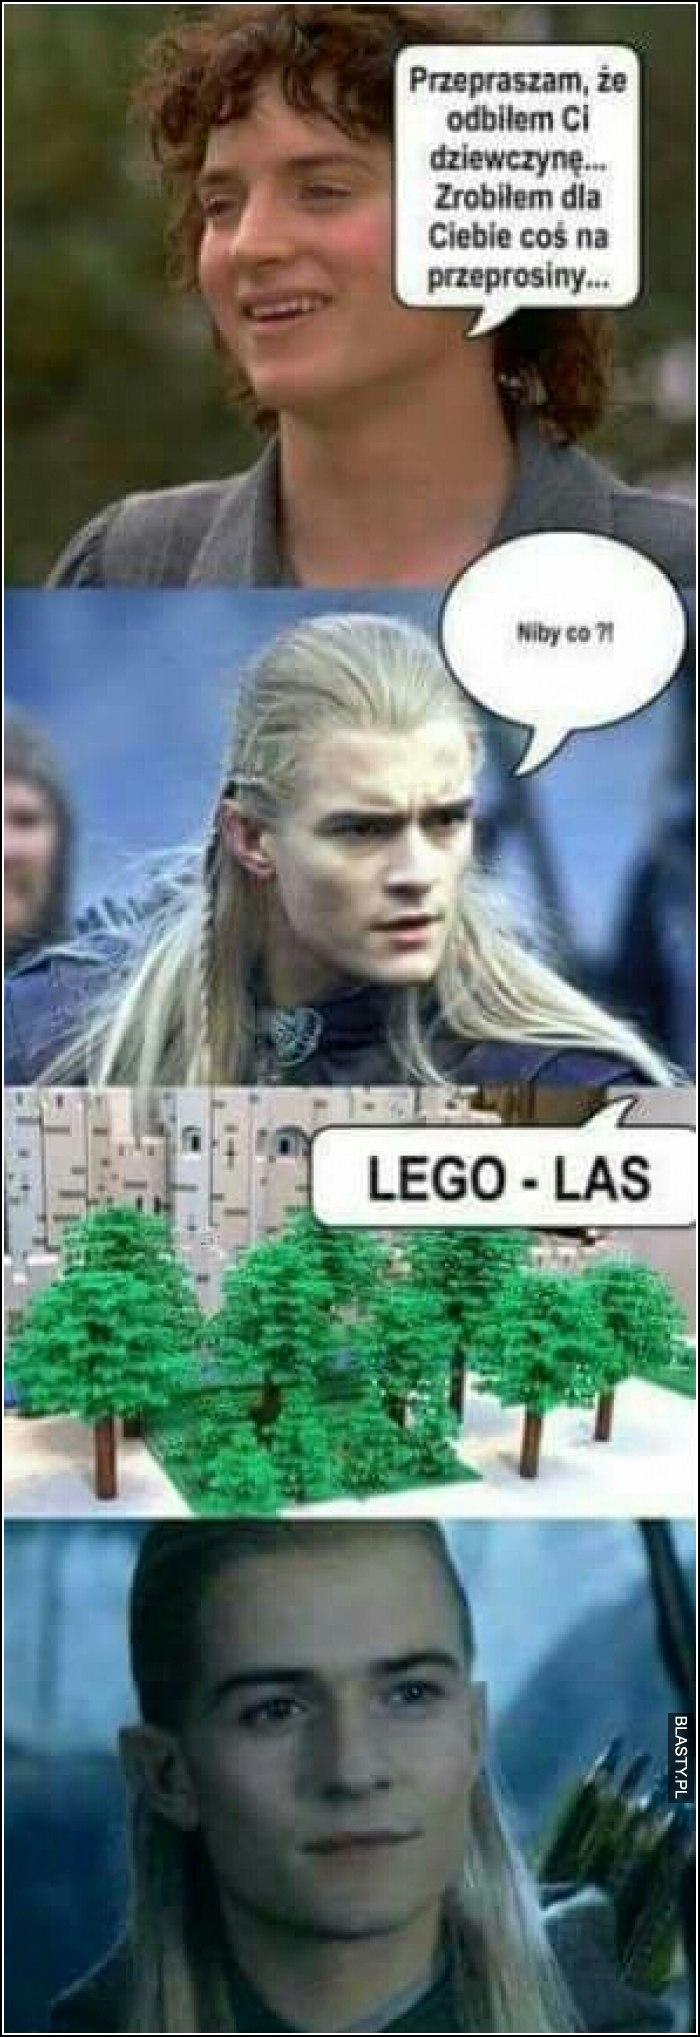 Lego-las